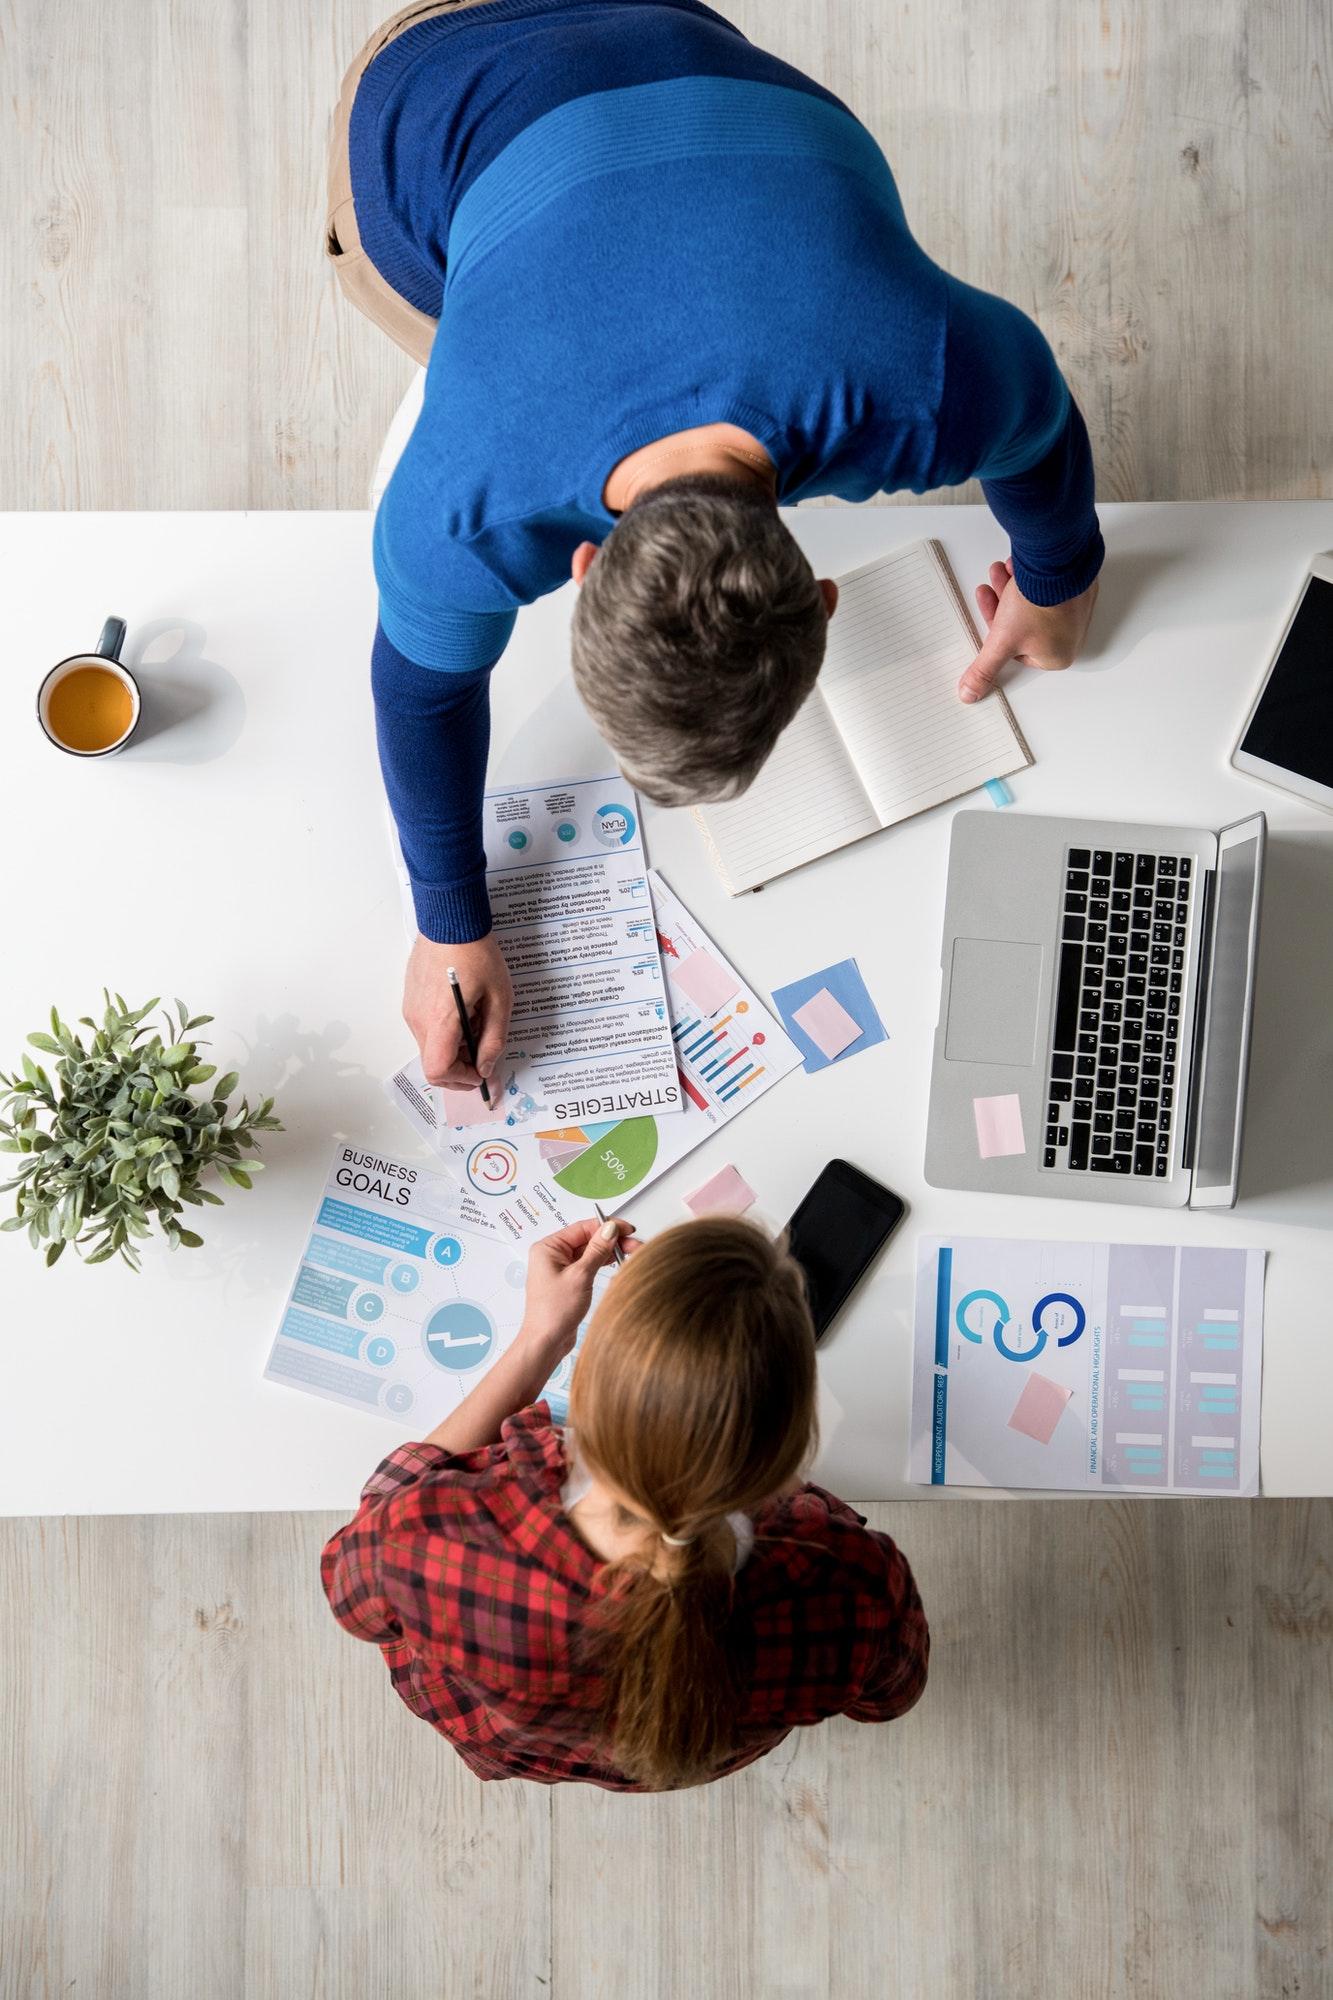 Choosing marketing strategies at meeting